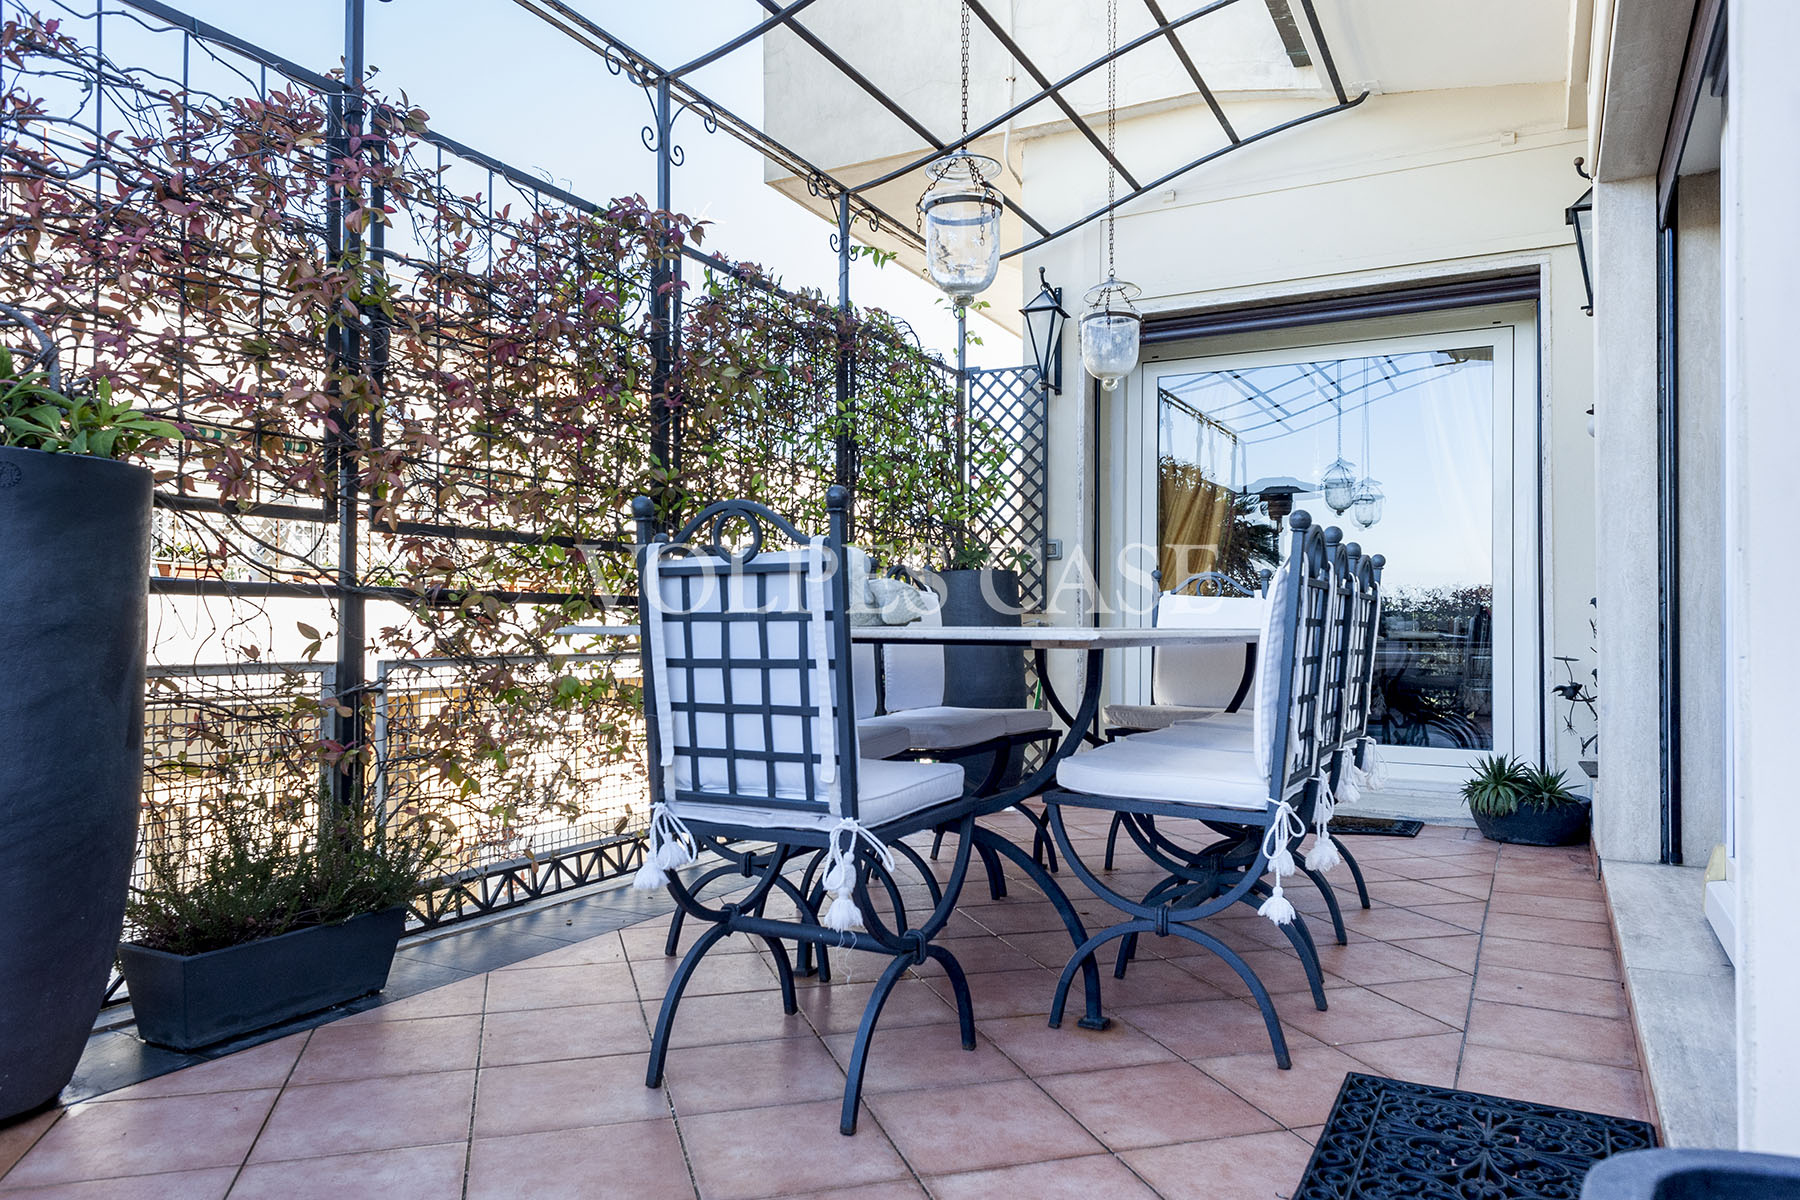 Attico / Mansarda in vendita a Roma, 7 locali, zona Zona: 3 . Trieste - Somalia - Salario, prezzo € 1.180.000 | CambioCasa.it